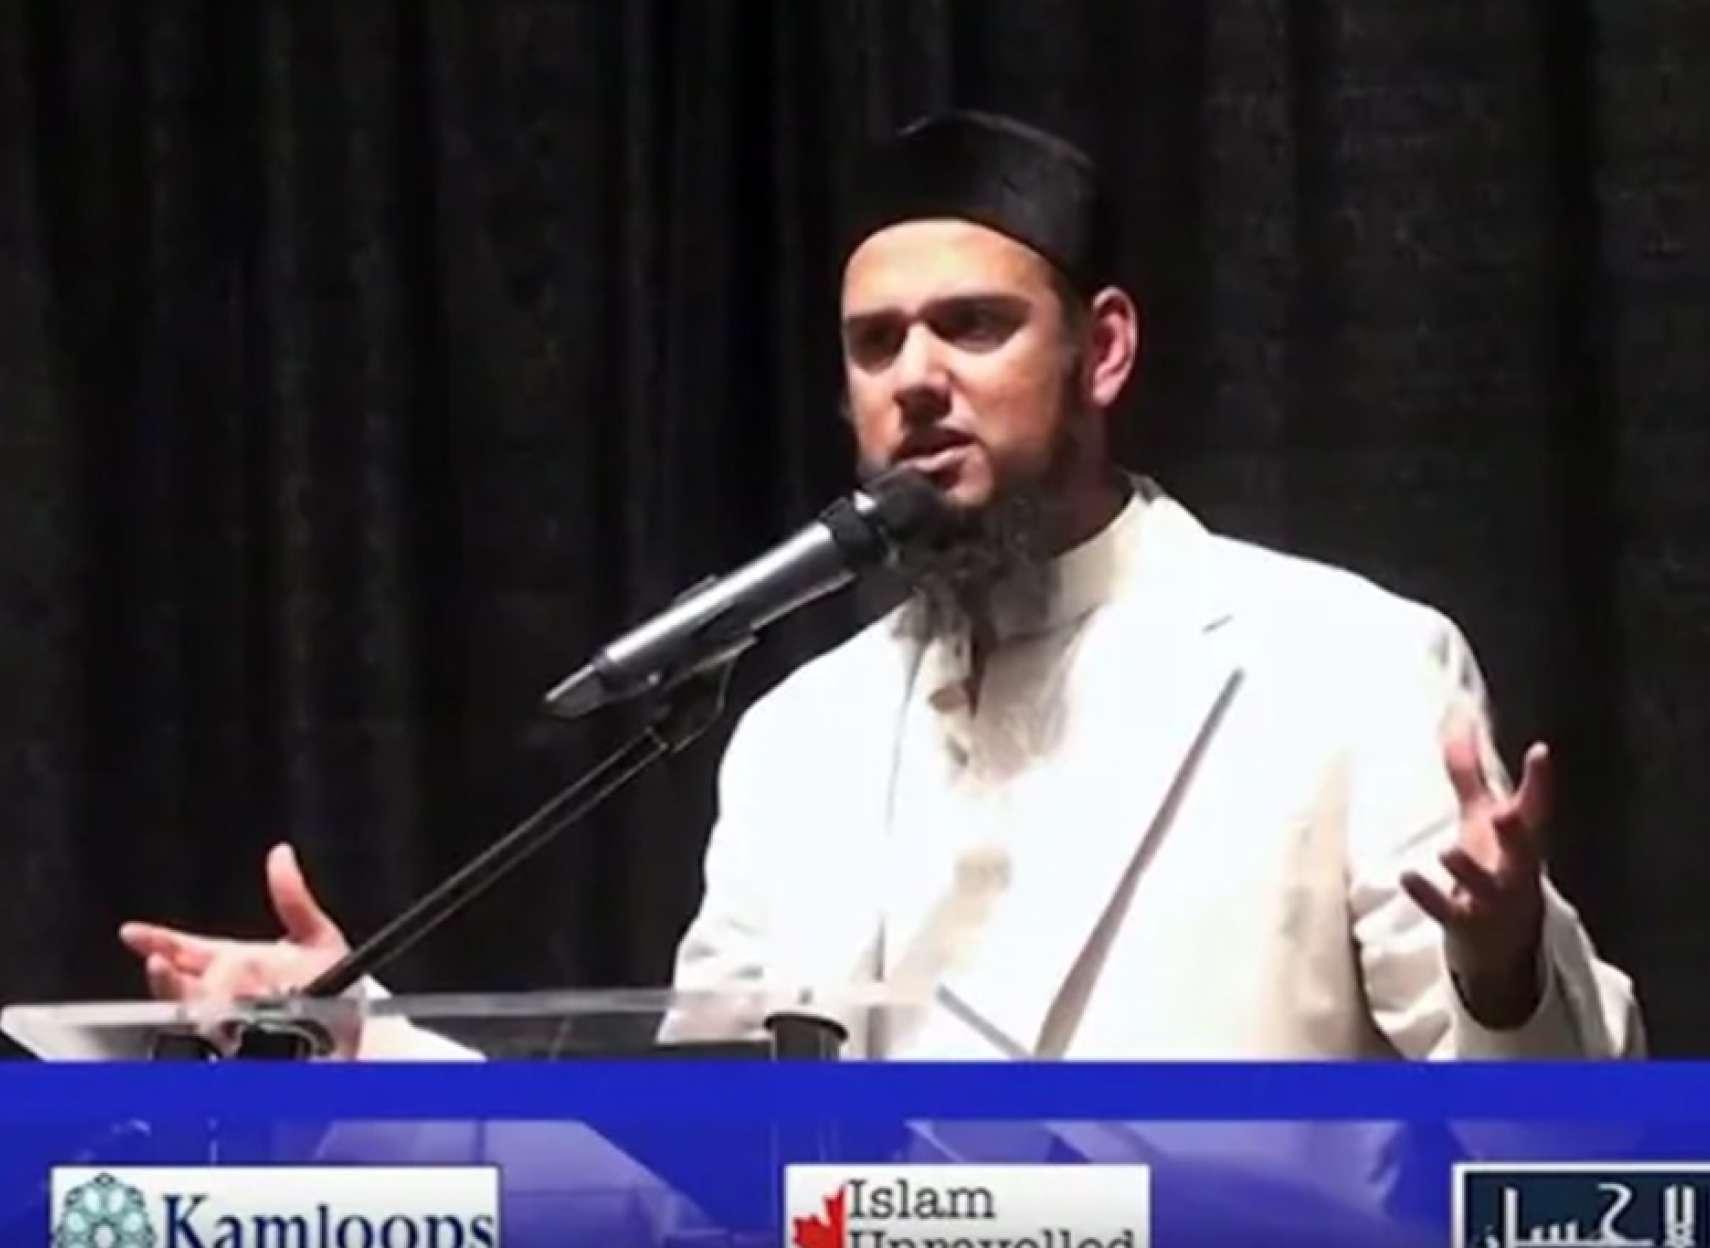 اخبار-کانادا-نشر-ویدئو-یک-امام-مسجد-ترودو-دوباره-انتخاب-شود-قانون-شریعت-را-برقرار-میکند